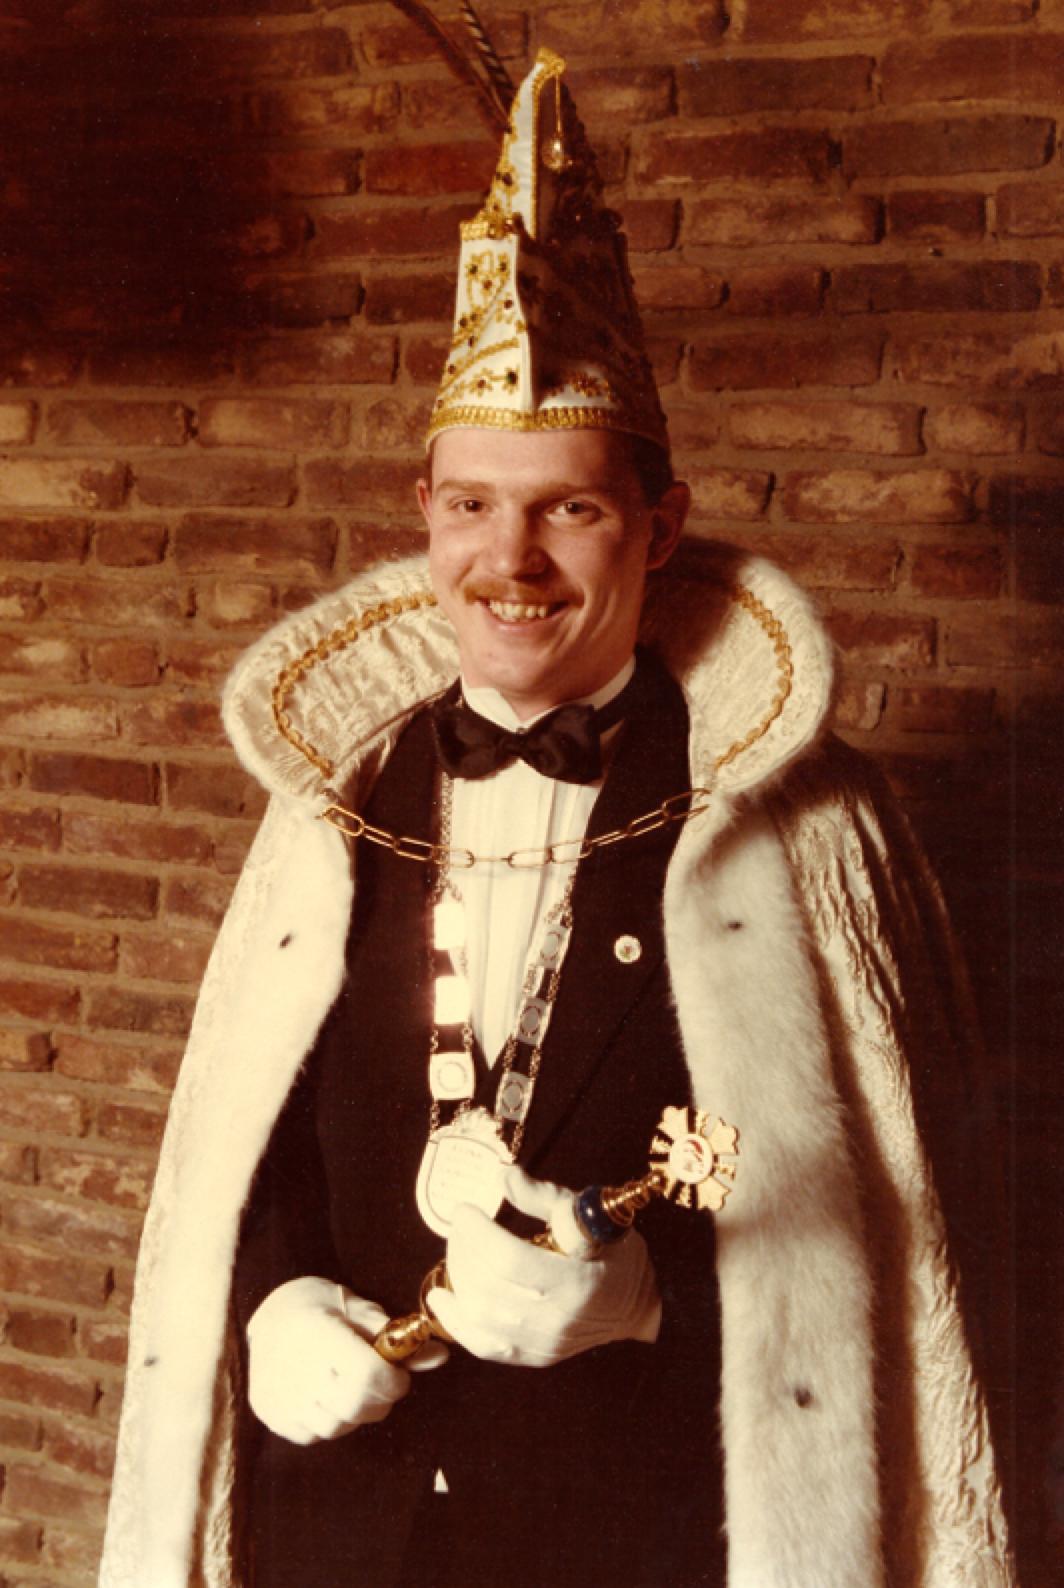 2. John I Gubbels Seizoen 1984